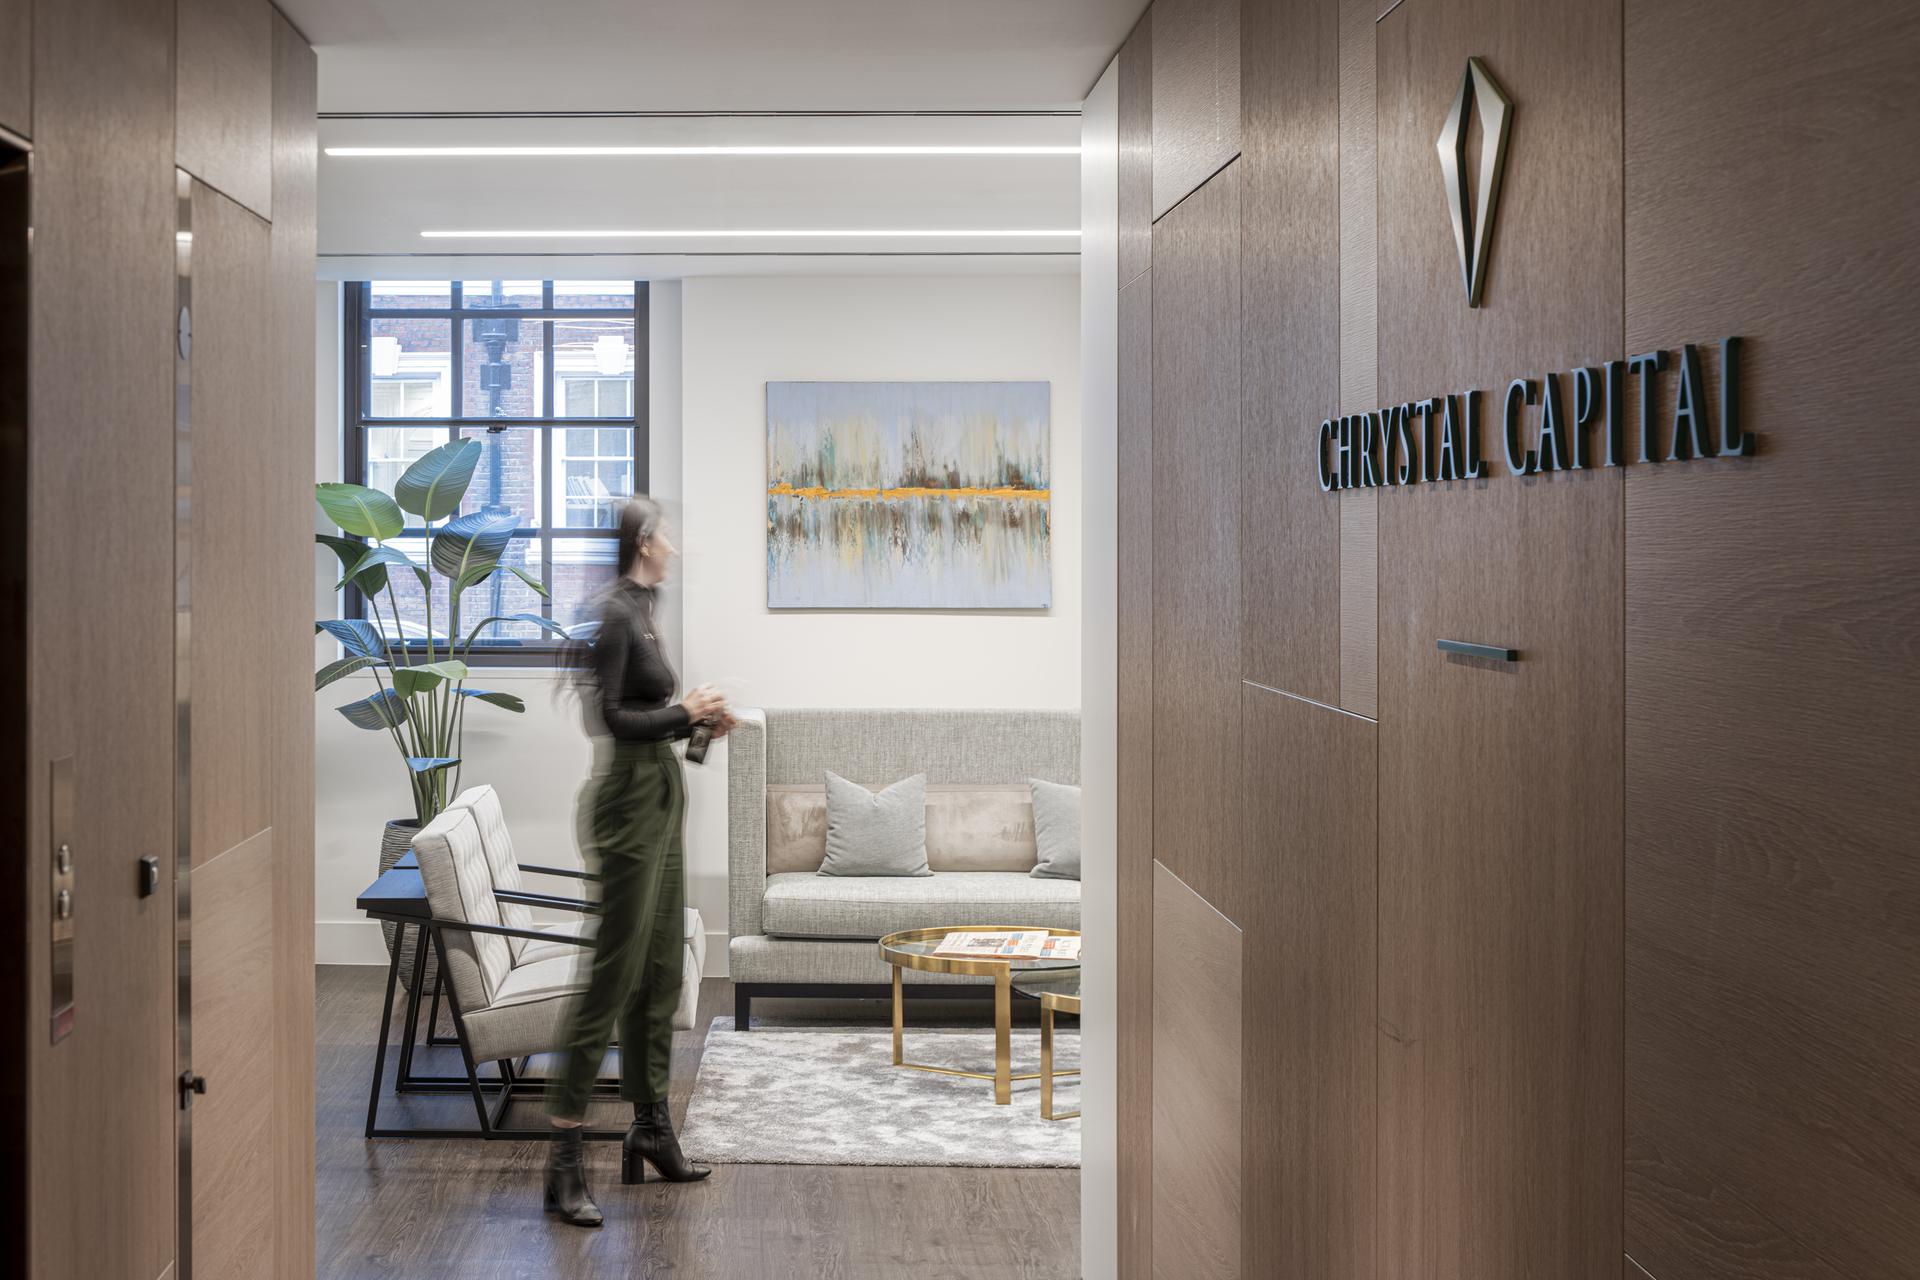 Chrystal Capital Hallway